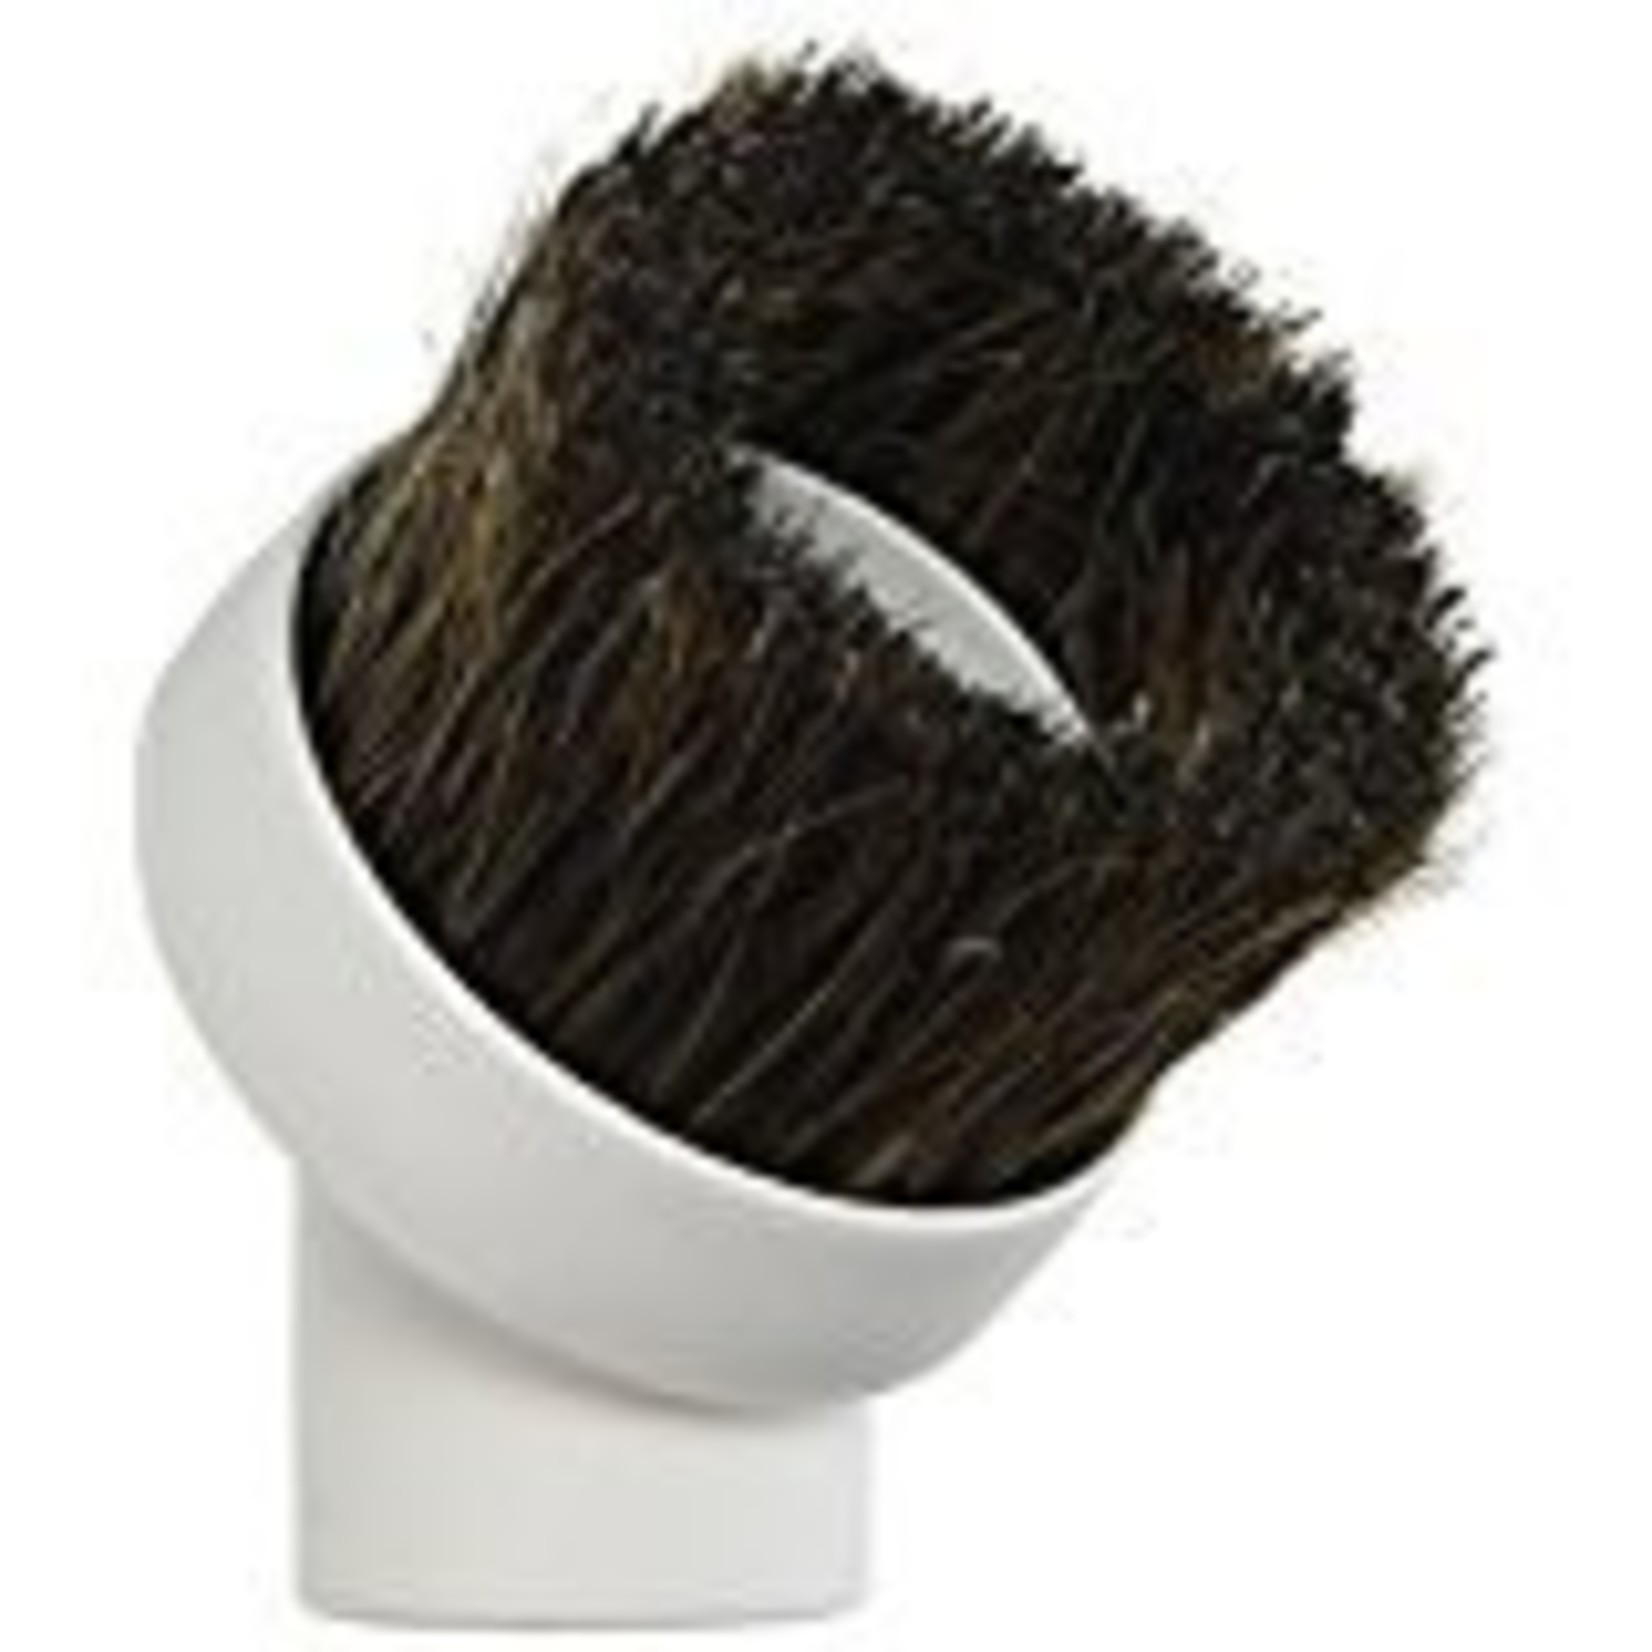 CVS Round Horse Hair Dusting Brush - White